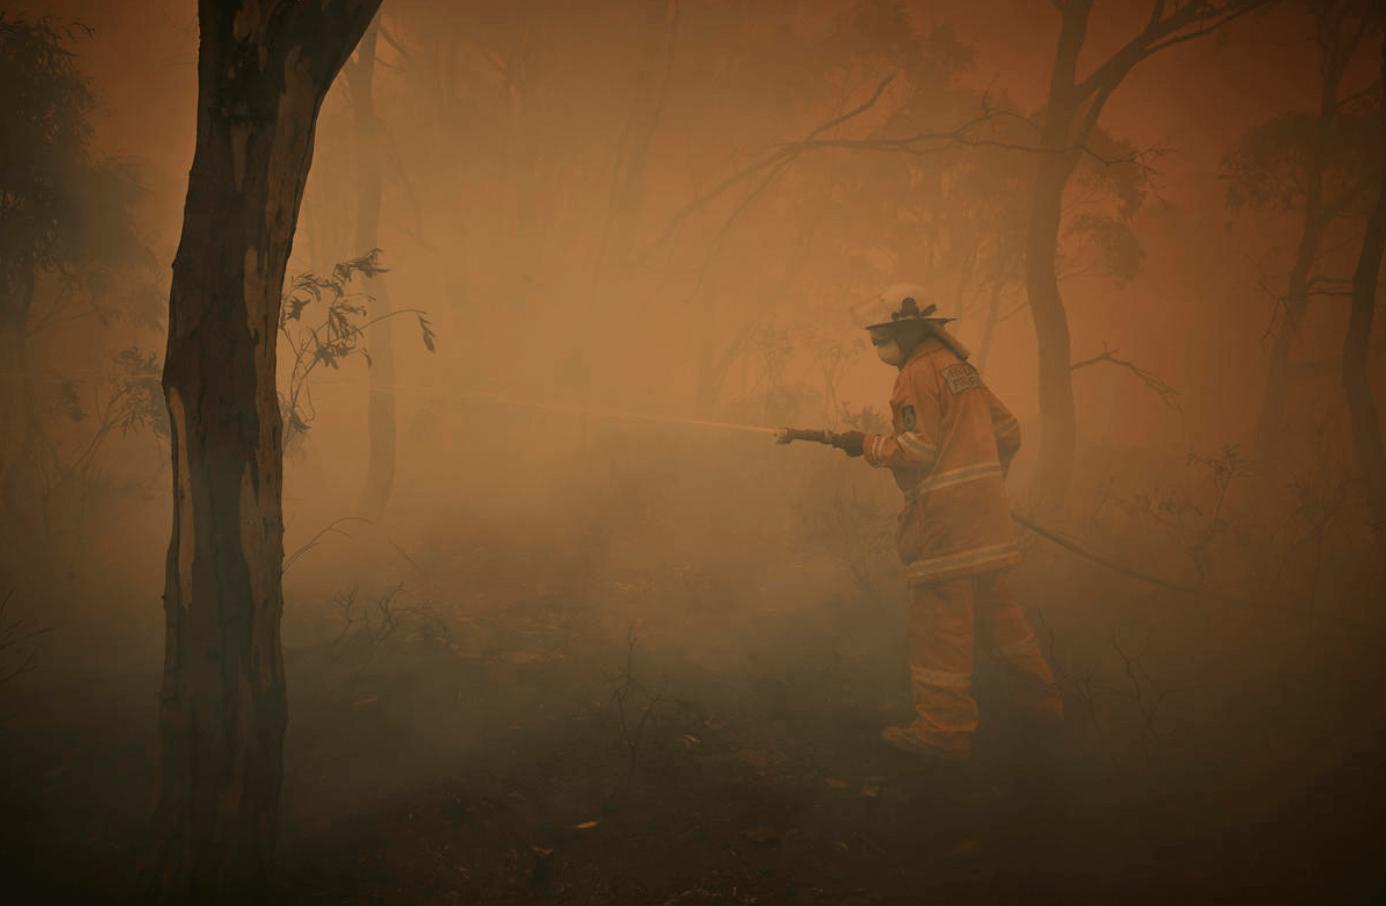 Tony Weston (62), vrijwilliger bij de plattelandsbrandweer, blust bomen die in brand staan aan de rand van het kleine dorpje Numeralla in New South Wales.